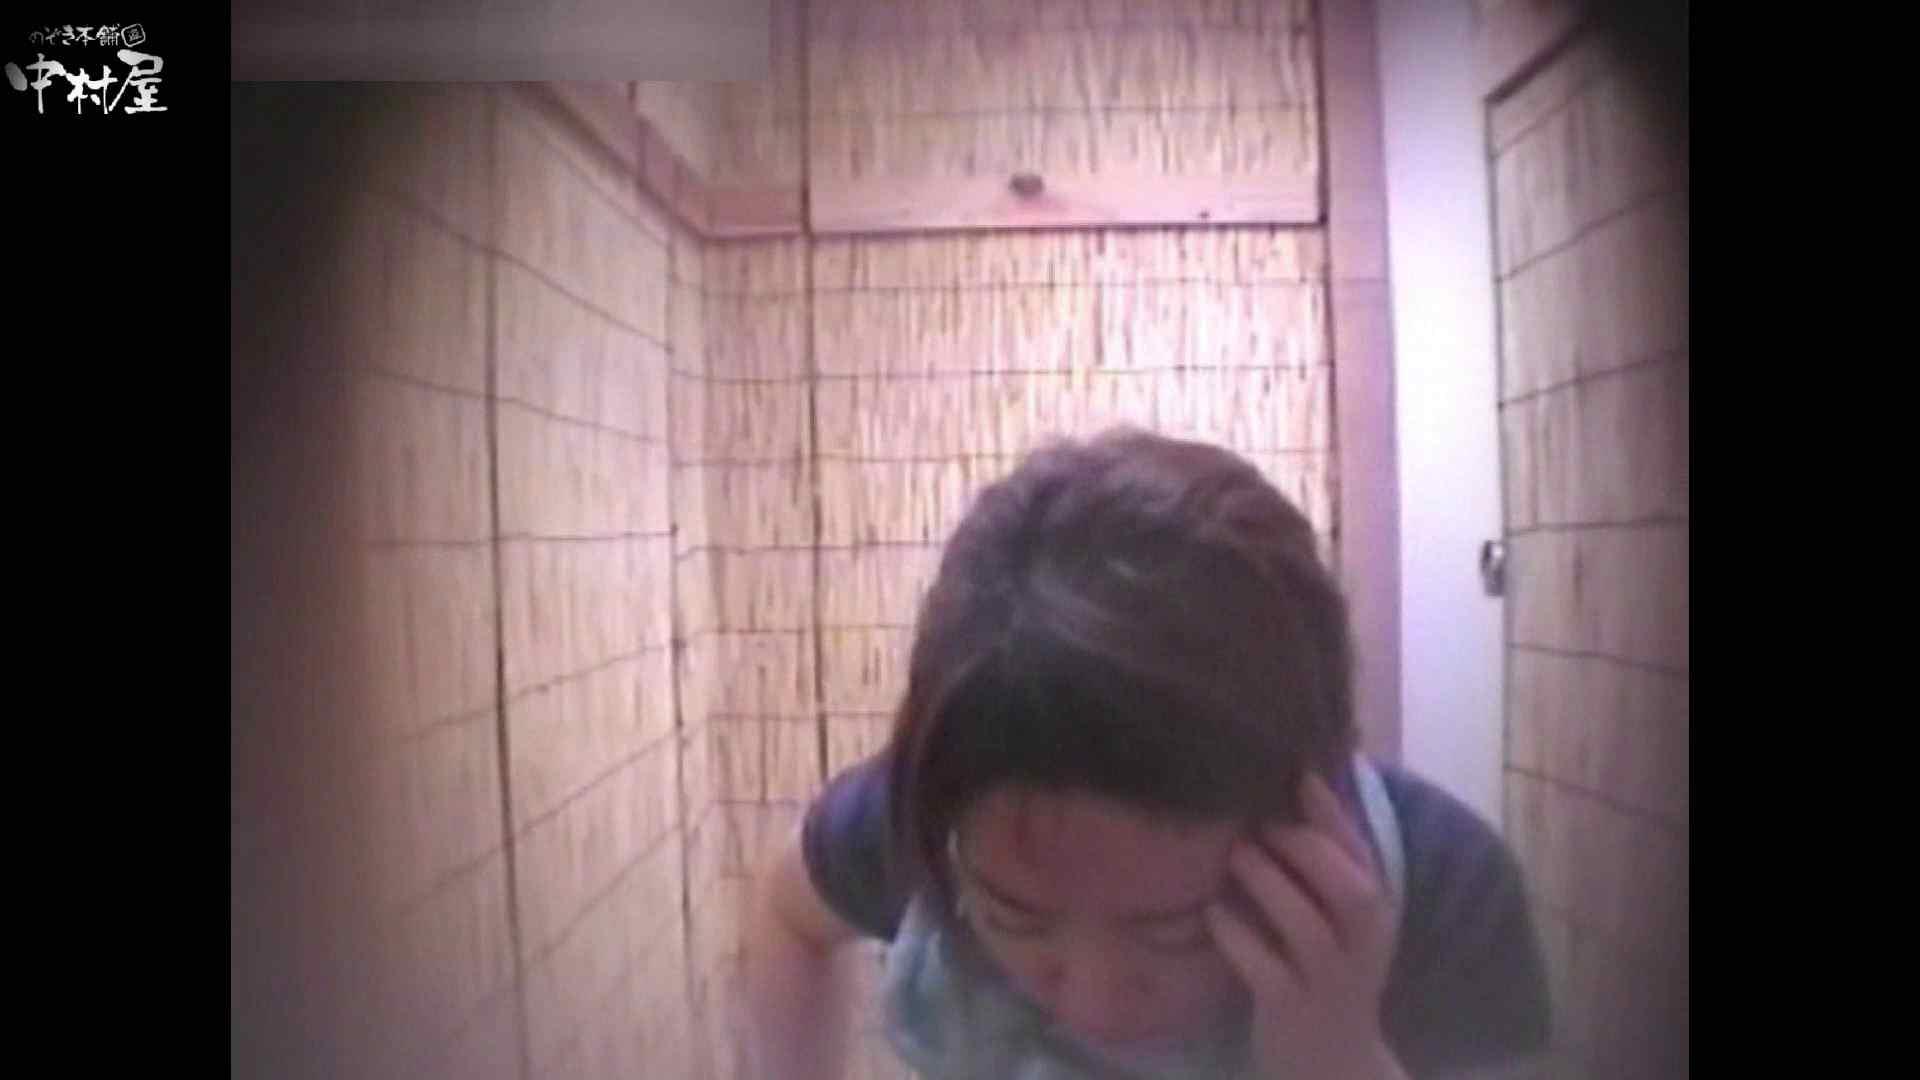 解禁!海の家4カメ洗面所vol.51 ギャルのエロ生活 のぞき動画画像 27連発 6